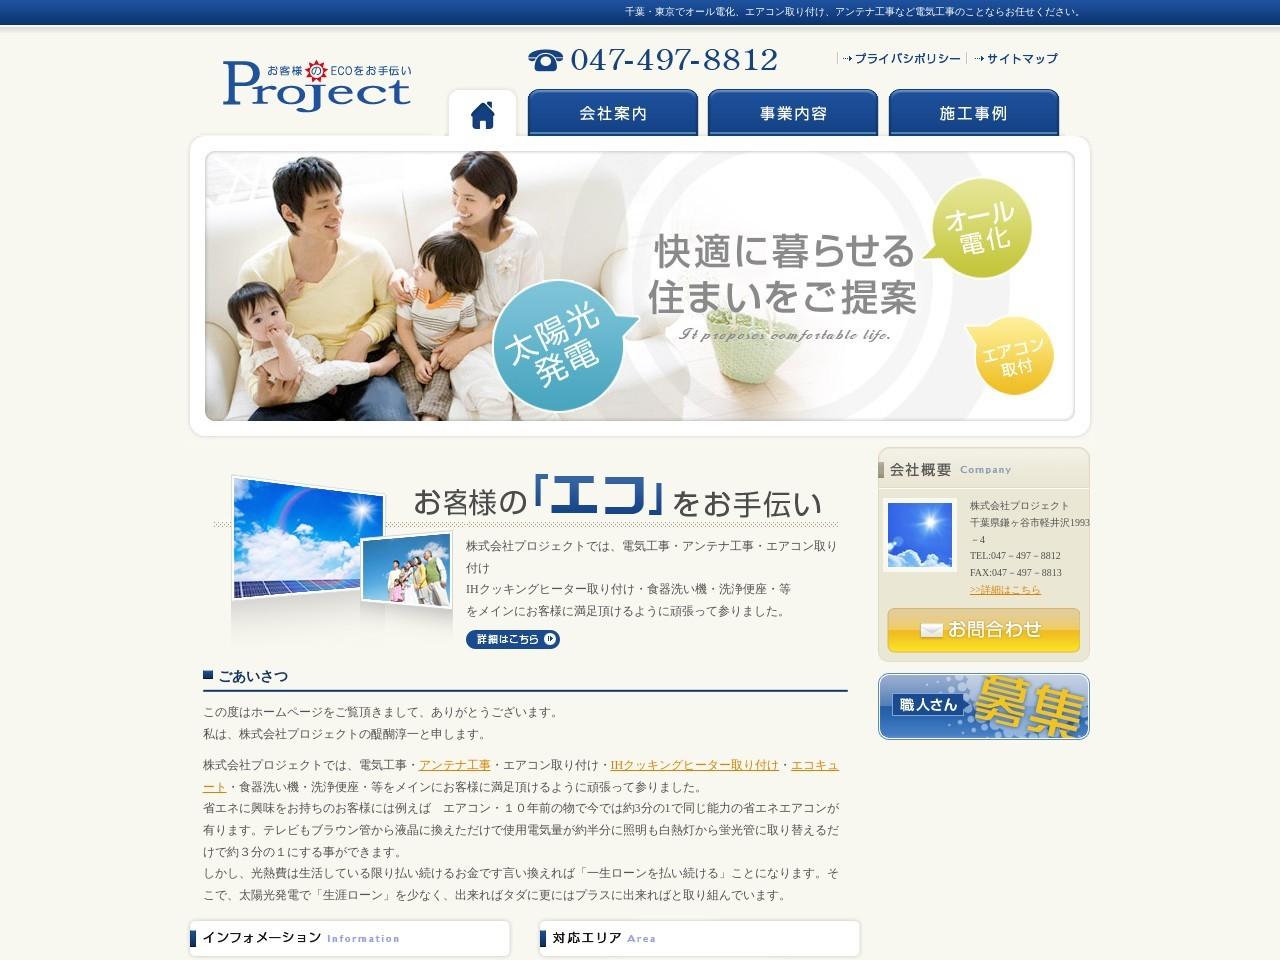 株式会社プロジェクト